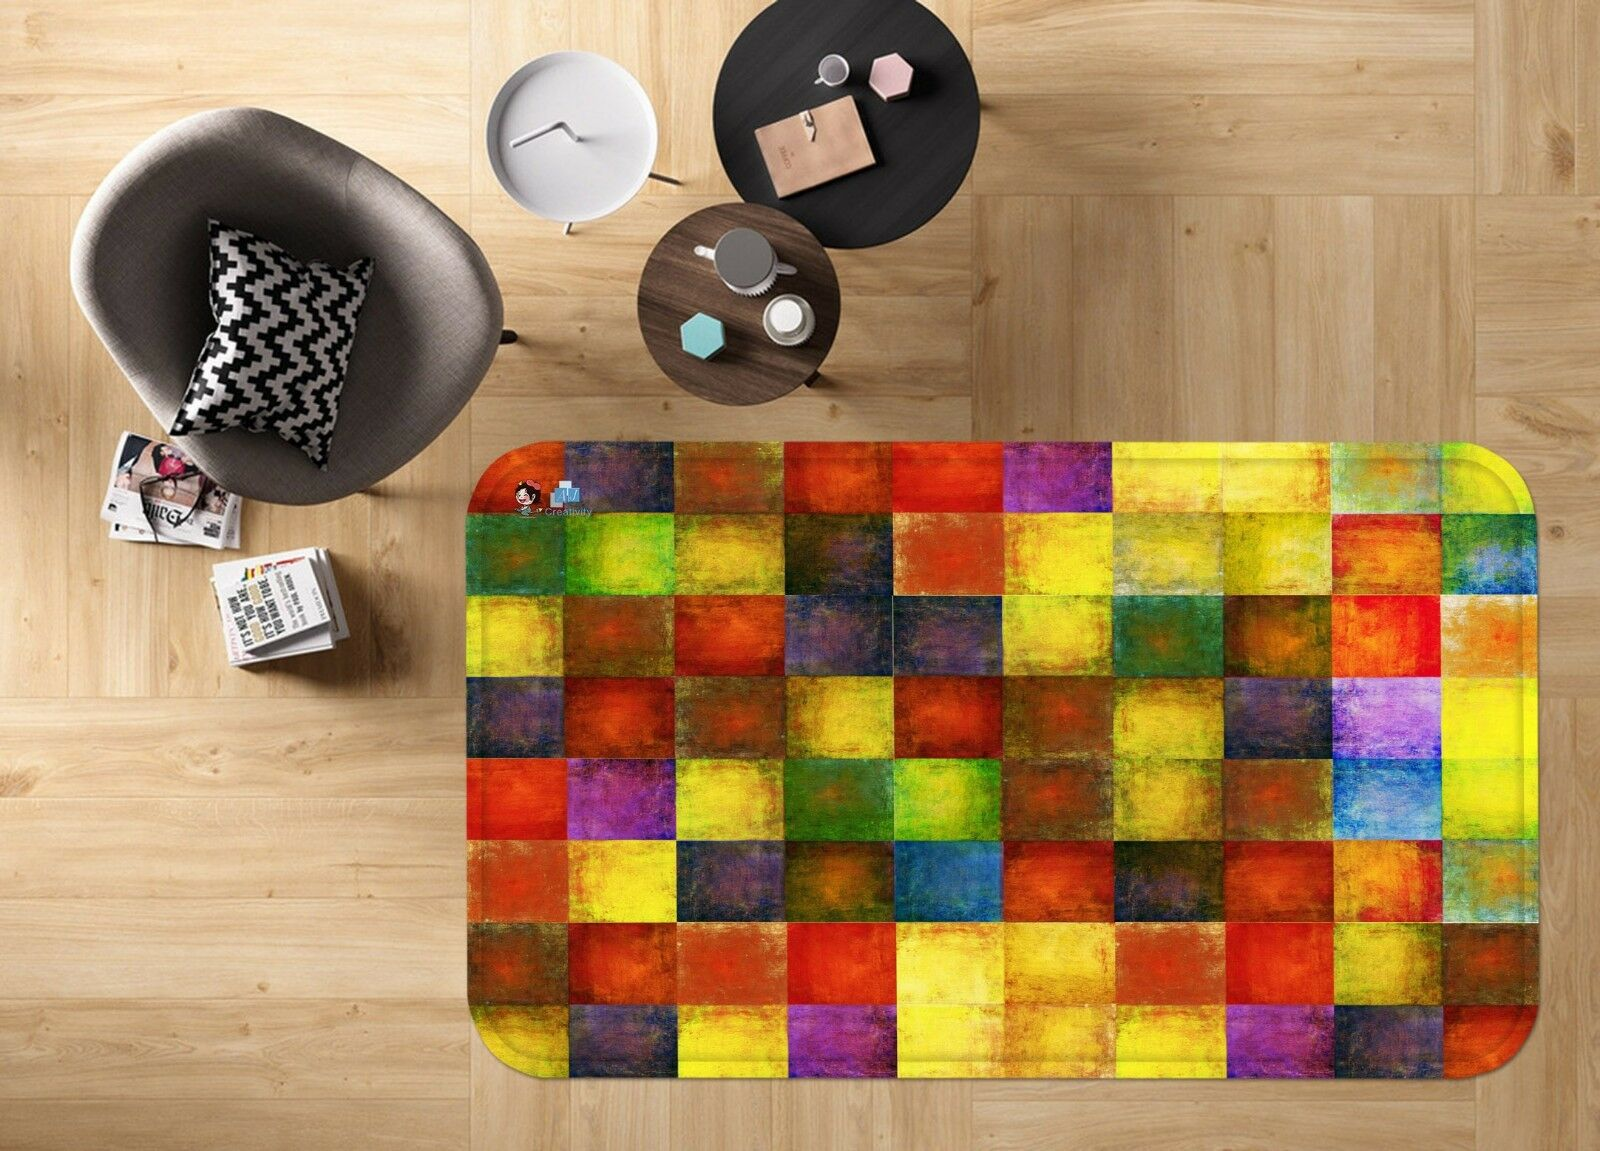 3D Quadrati Coloreeati 58 tappetino antiscivolo tappeto camera Tappetino Qualità Elegante foto Tappeto UK